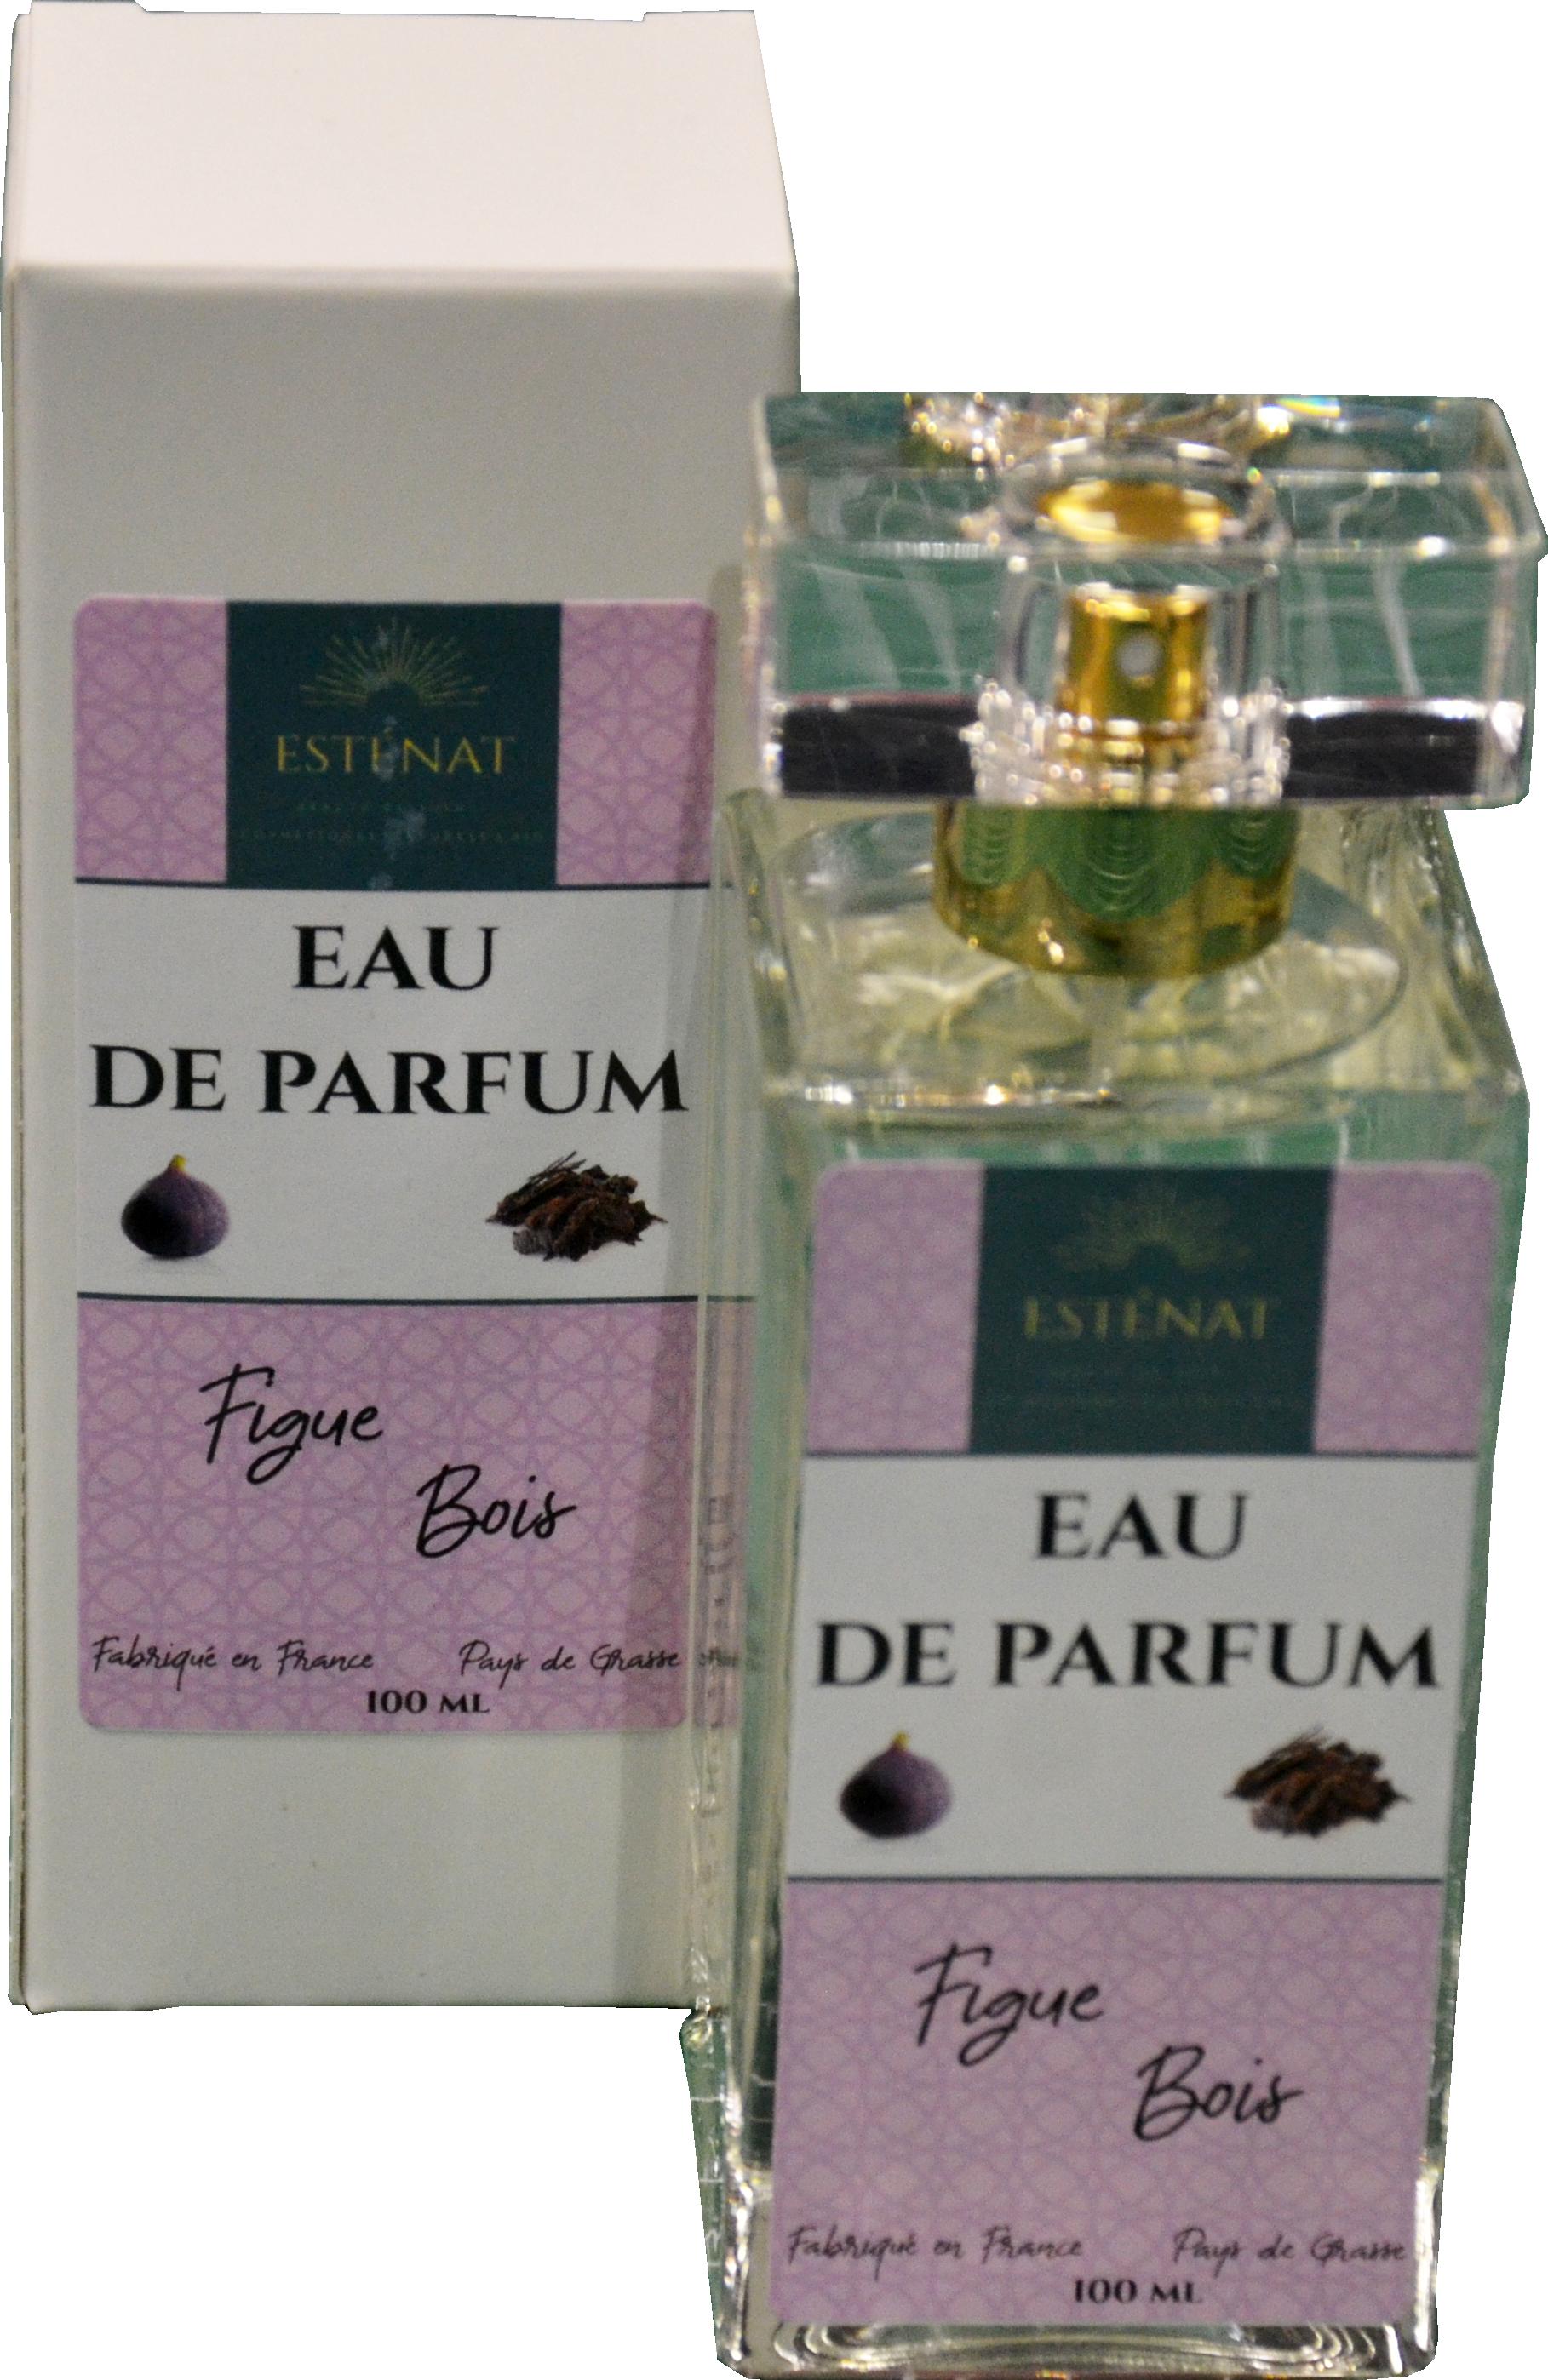 Eau de parfum figue bois